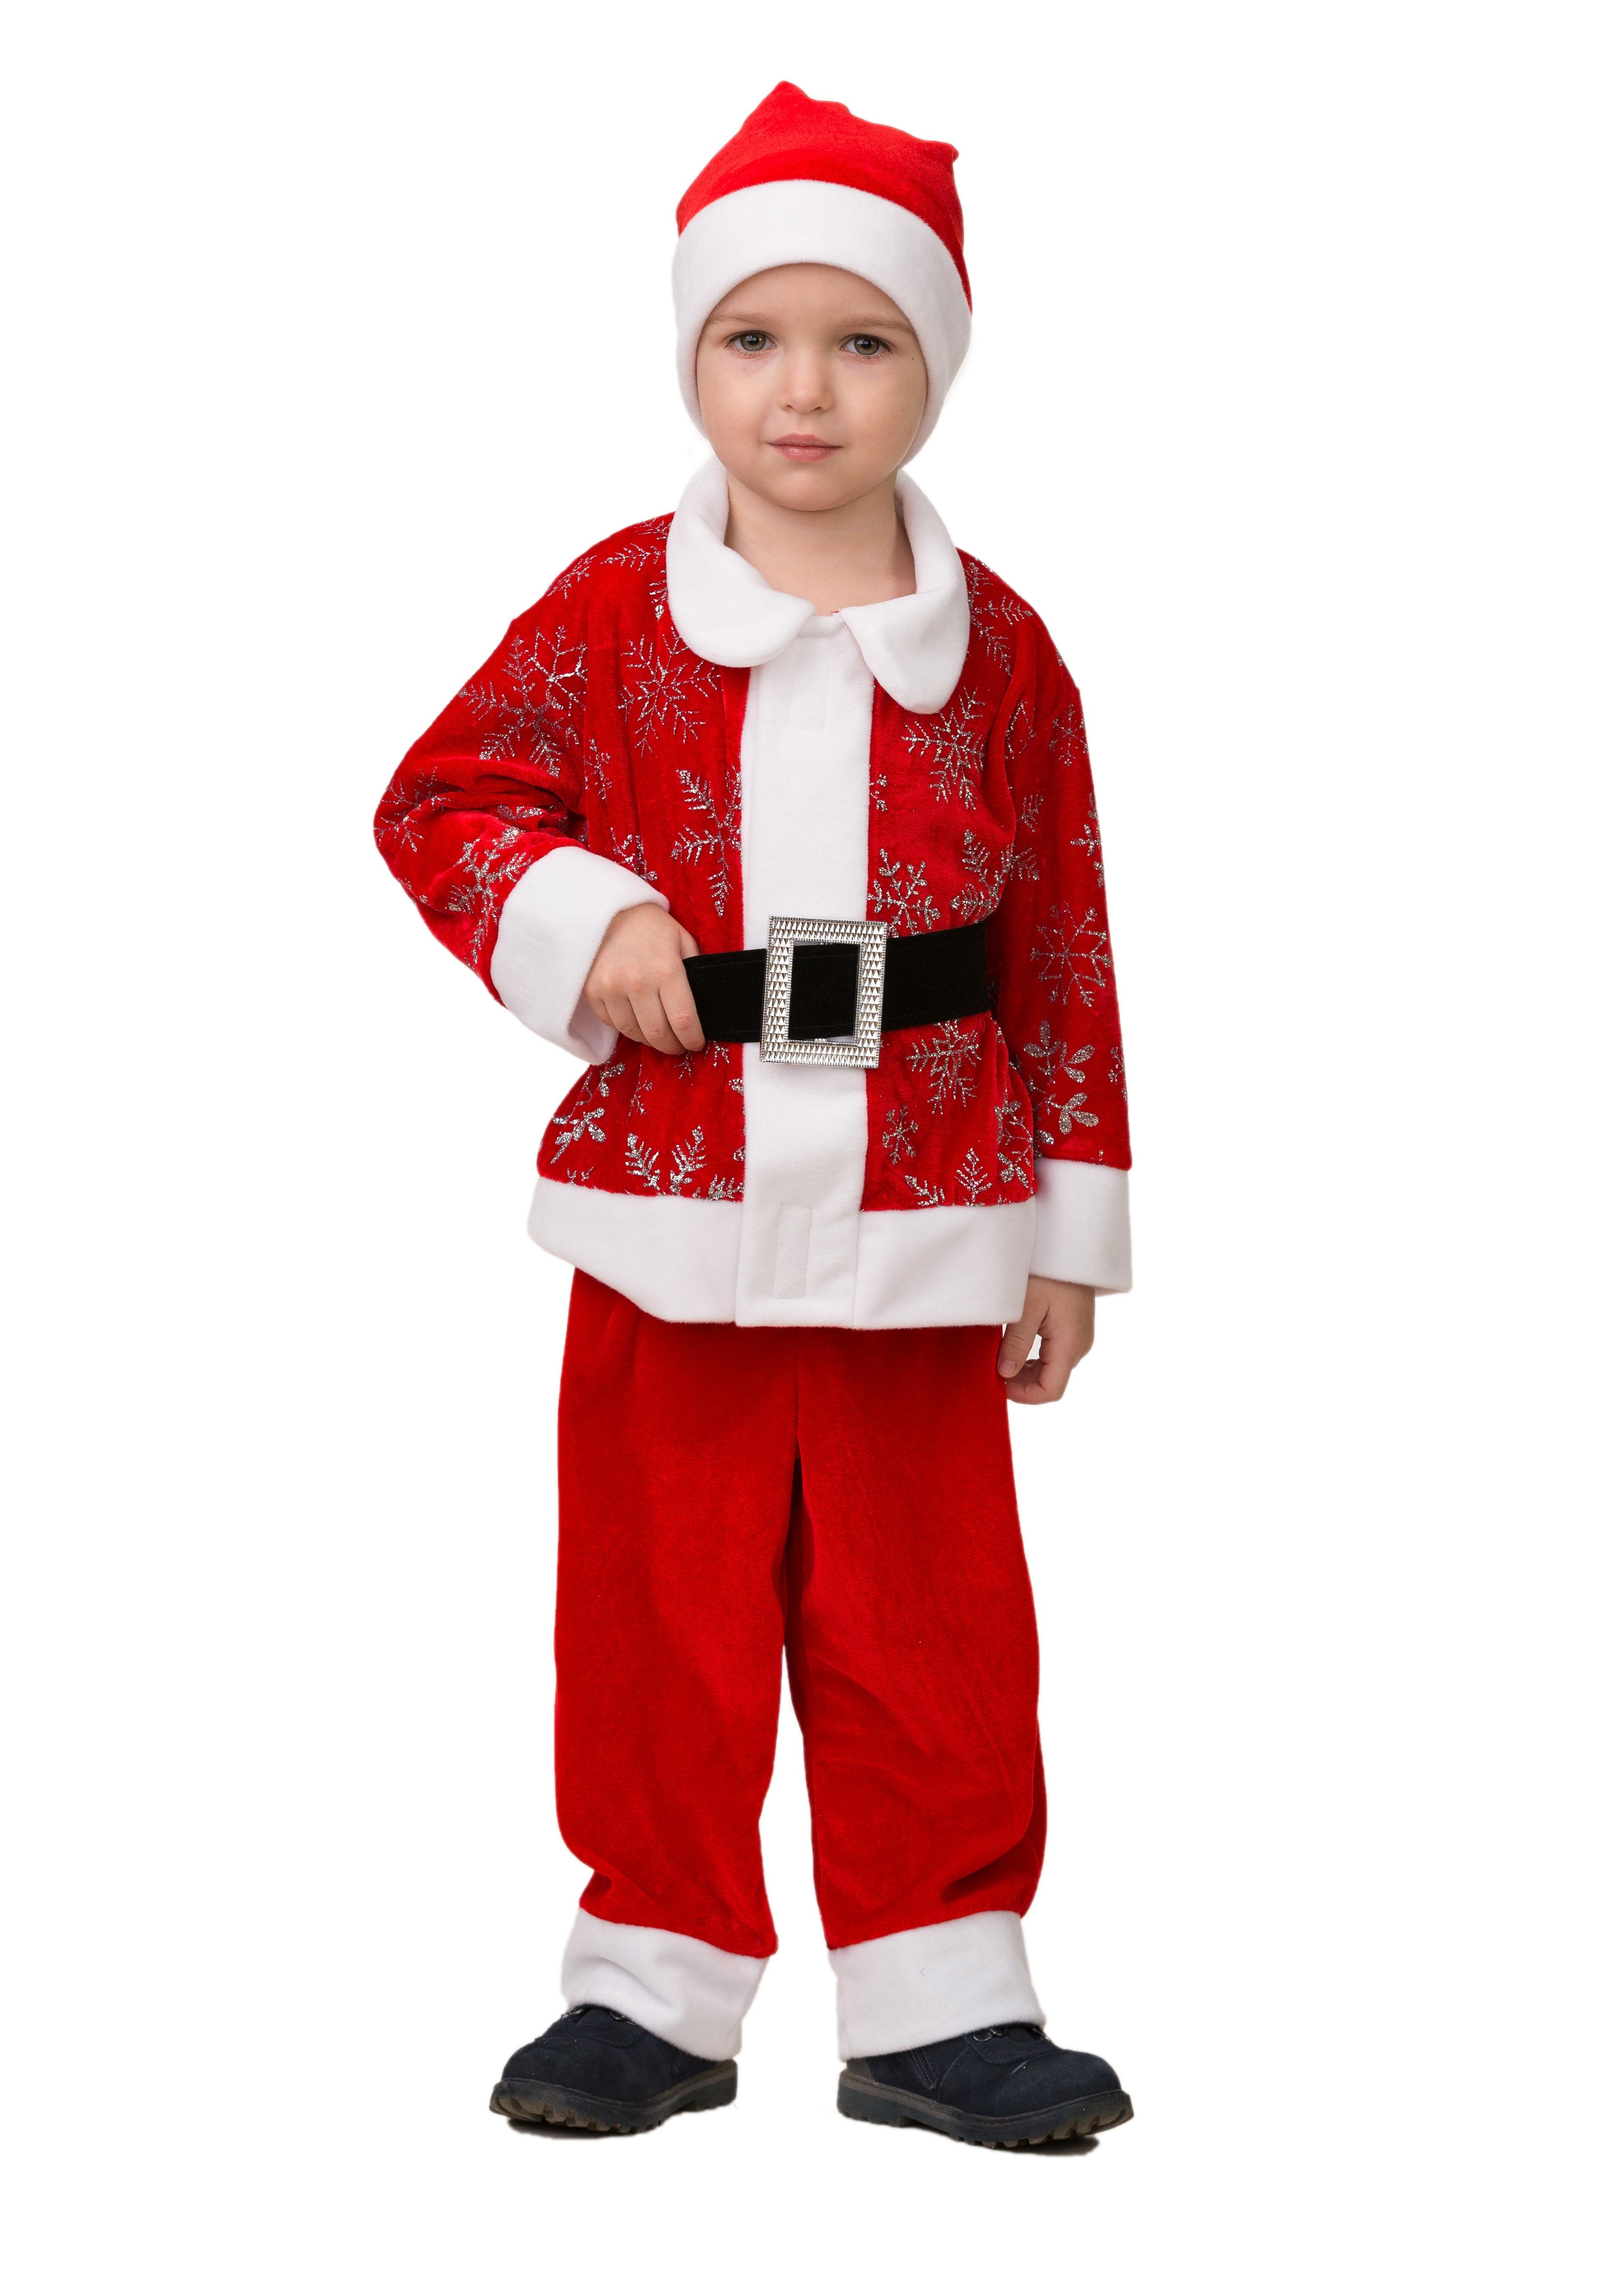 Детский костюм Красного Дедушки Мороза (24) детский костюм деда мороза голубой 38